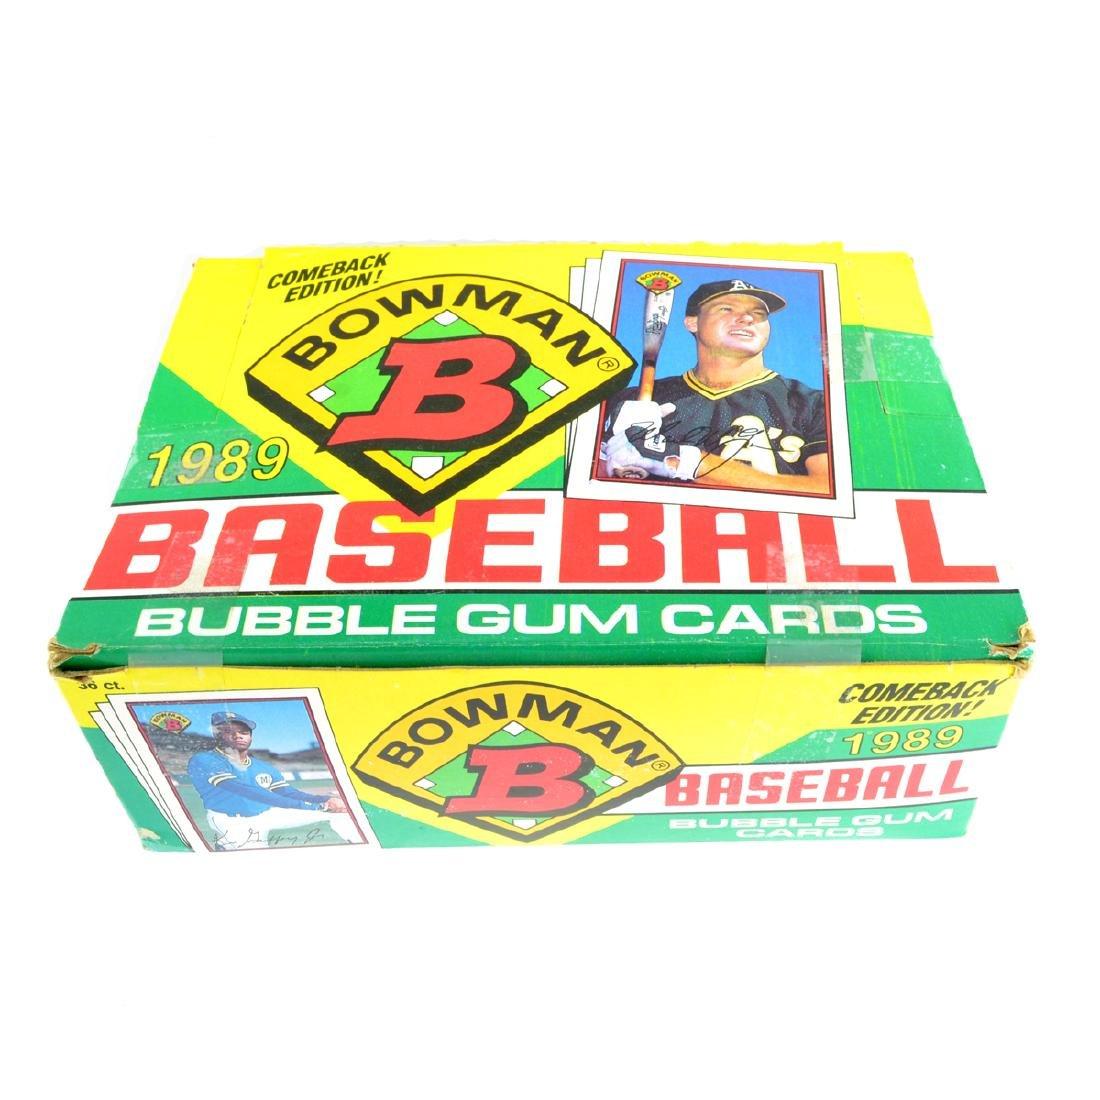 1989 Bowman Comeback Edition Baseball Bubble Gm Card